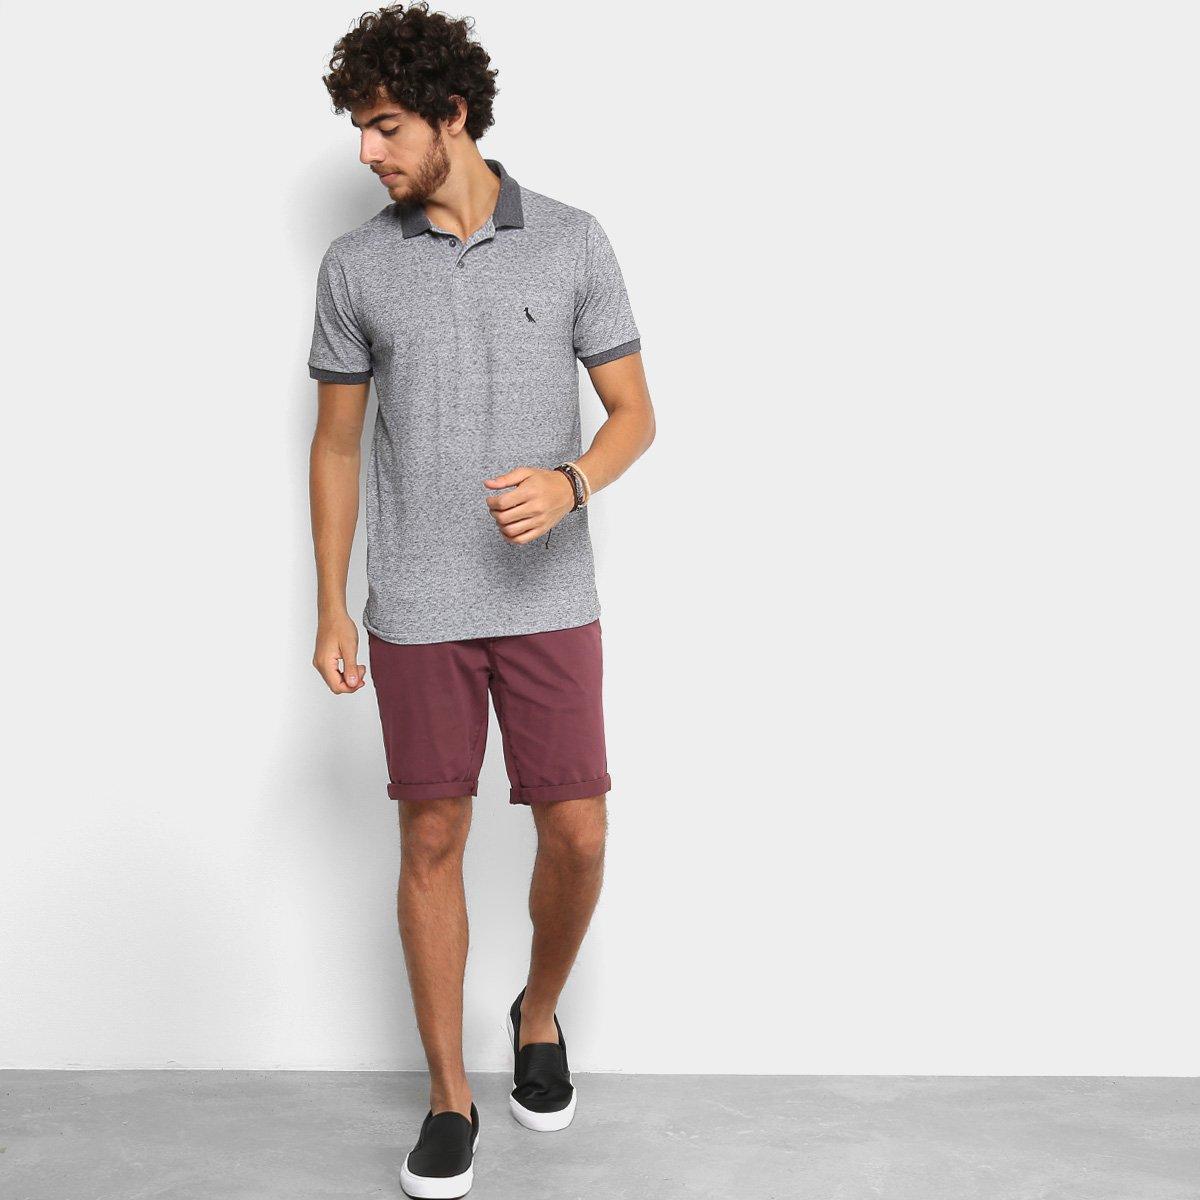 Camisa Polo Reserva Sustentavel Masculina - Preto - Compre Agora ... 9fd1be290d247